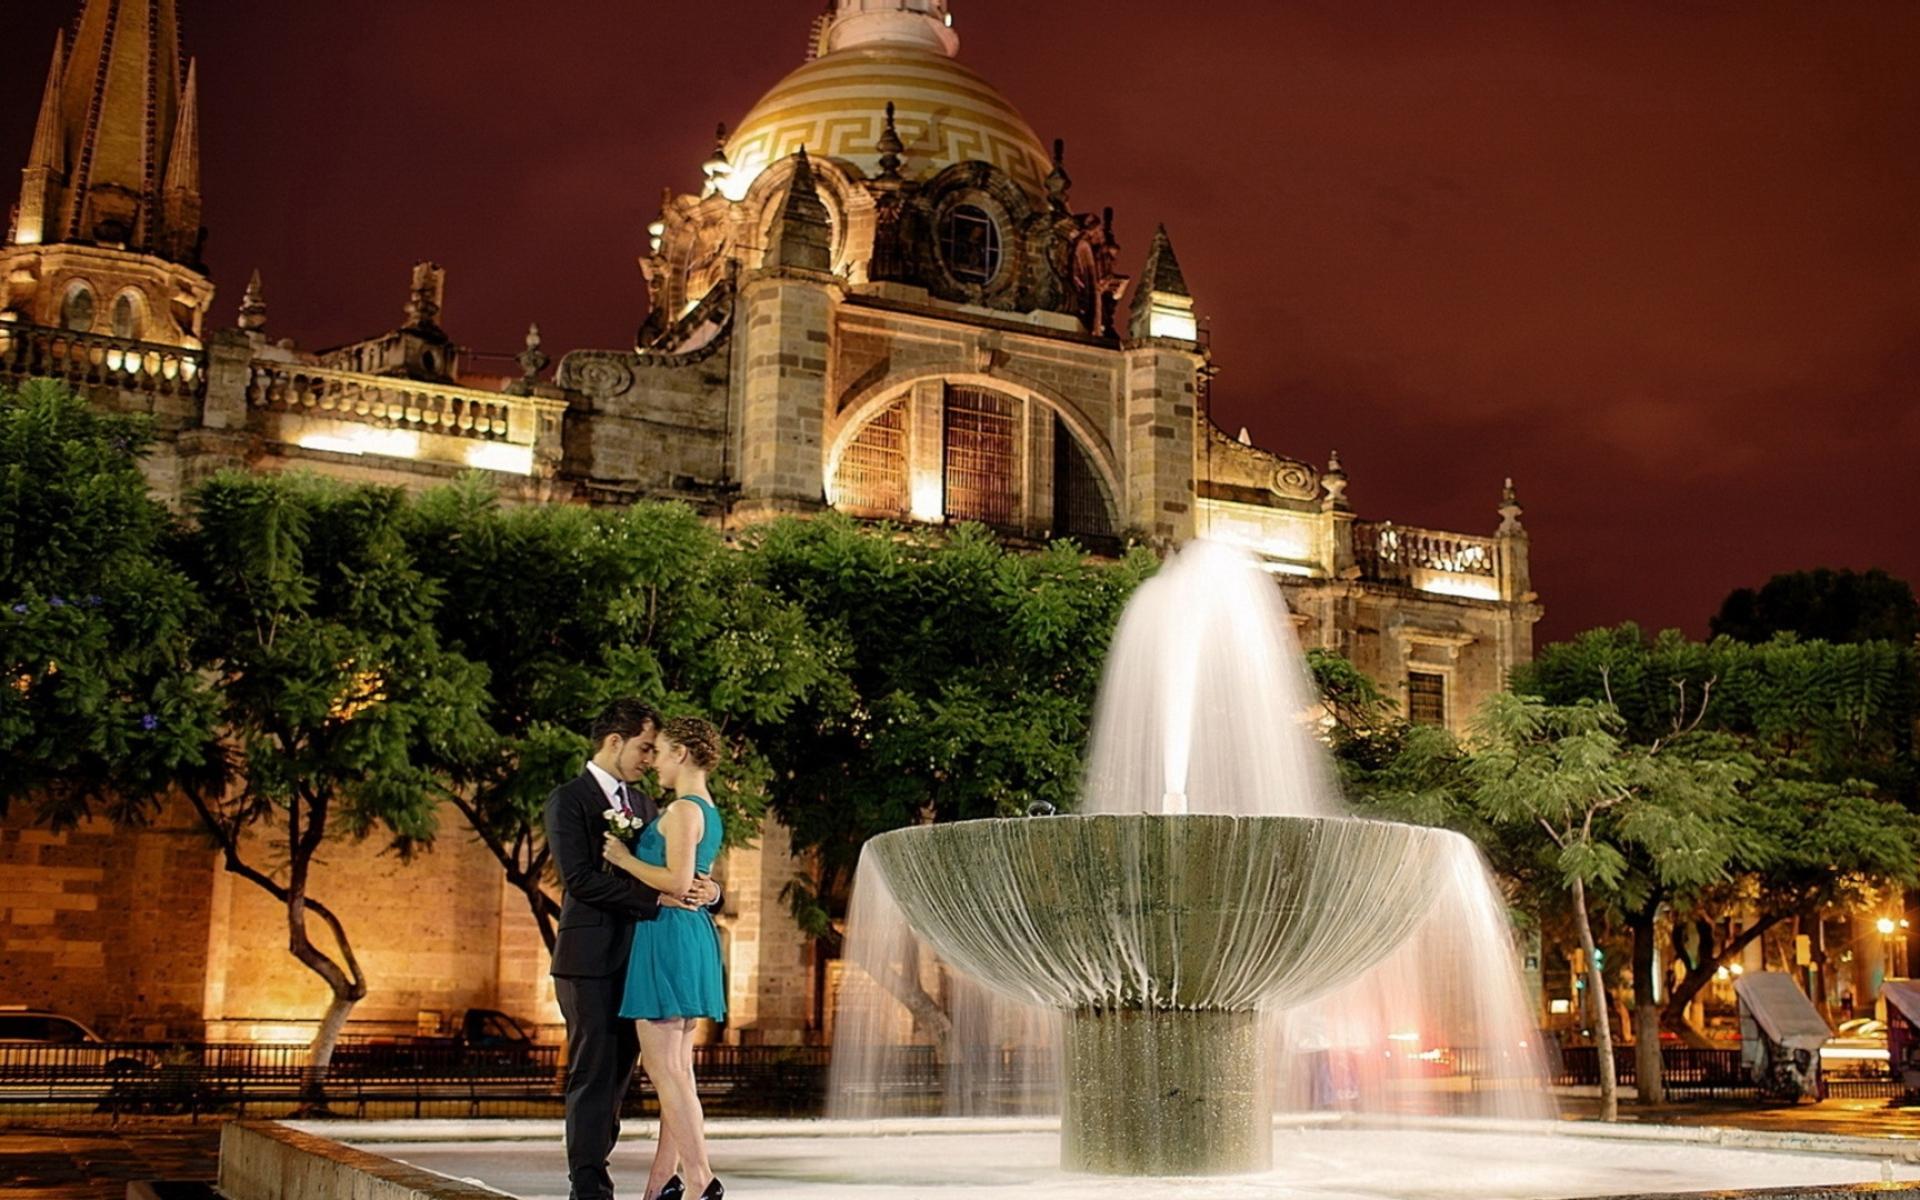 Картинки Город, ночь, фонтан, мальчик, девушка фото и обои на рабочий стол